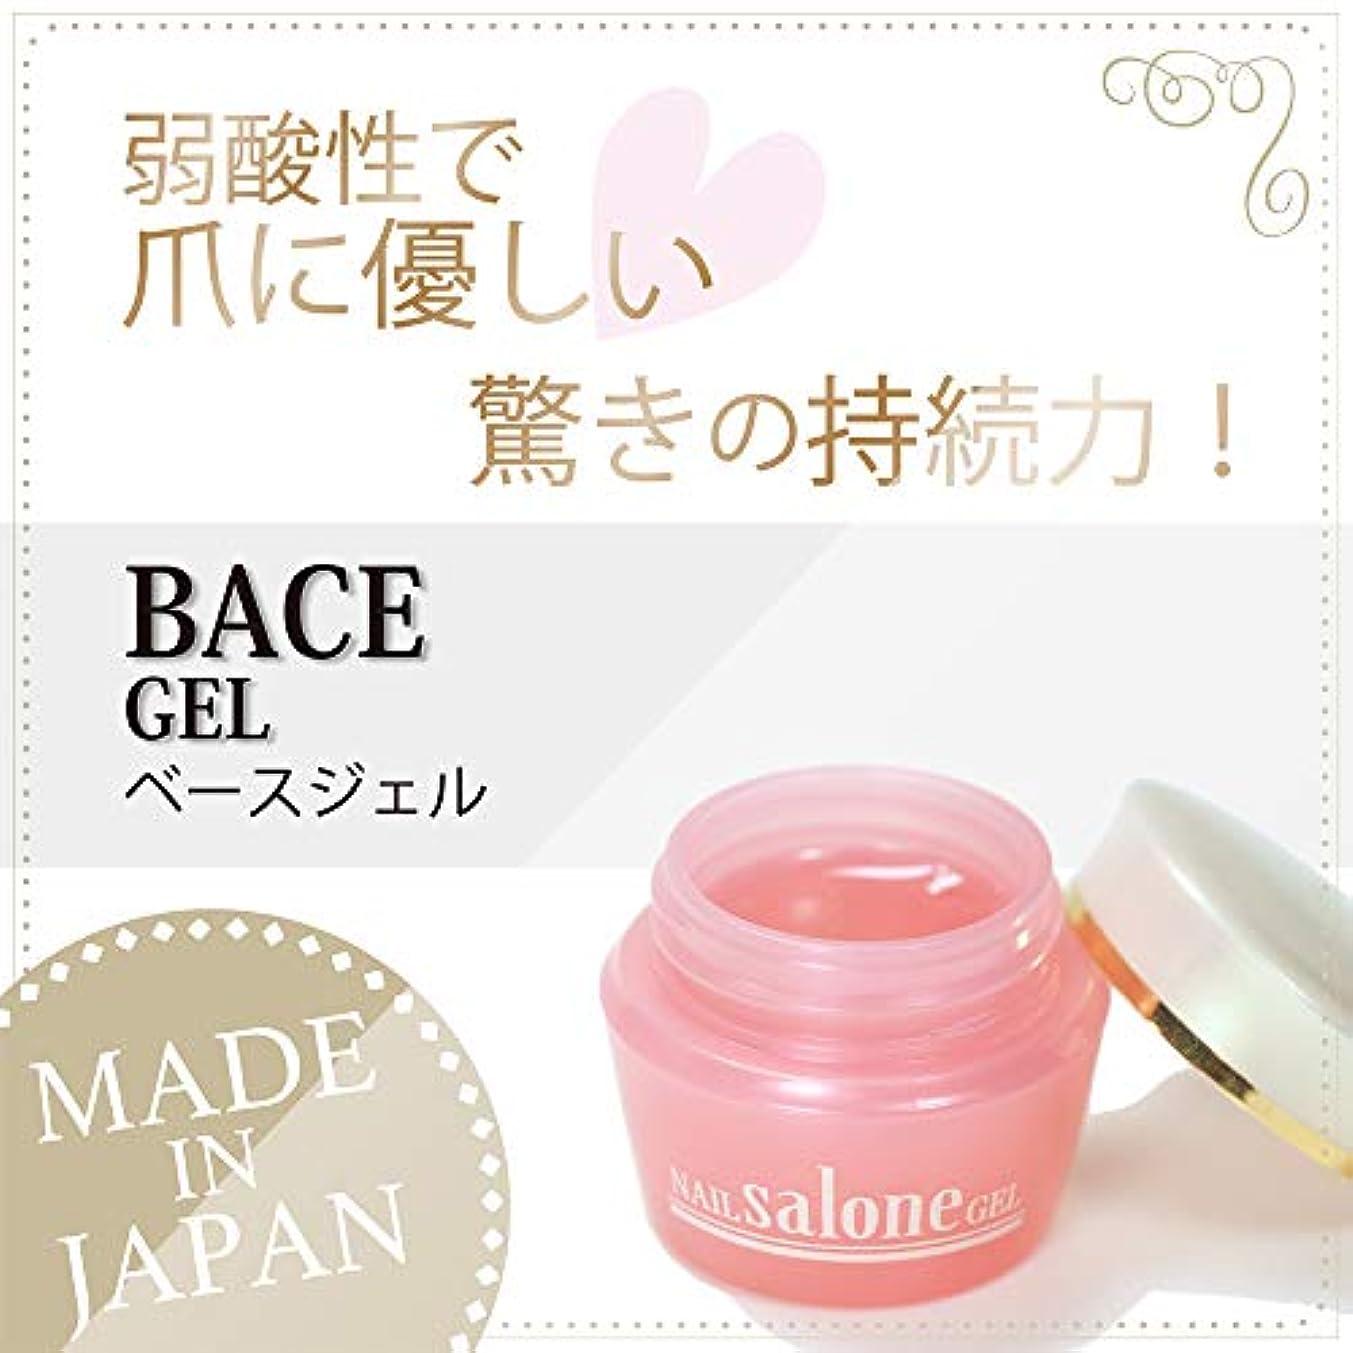 カバー露出度の高いドアミラーSalone gel サローネ ベースジェル 爪に優しい 日本製 驚きの密着力 リムーバーでオフも簡単3g